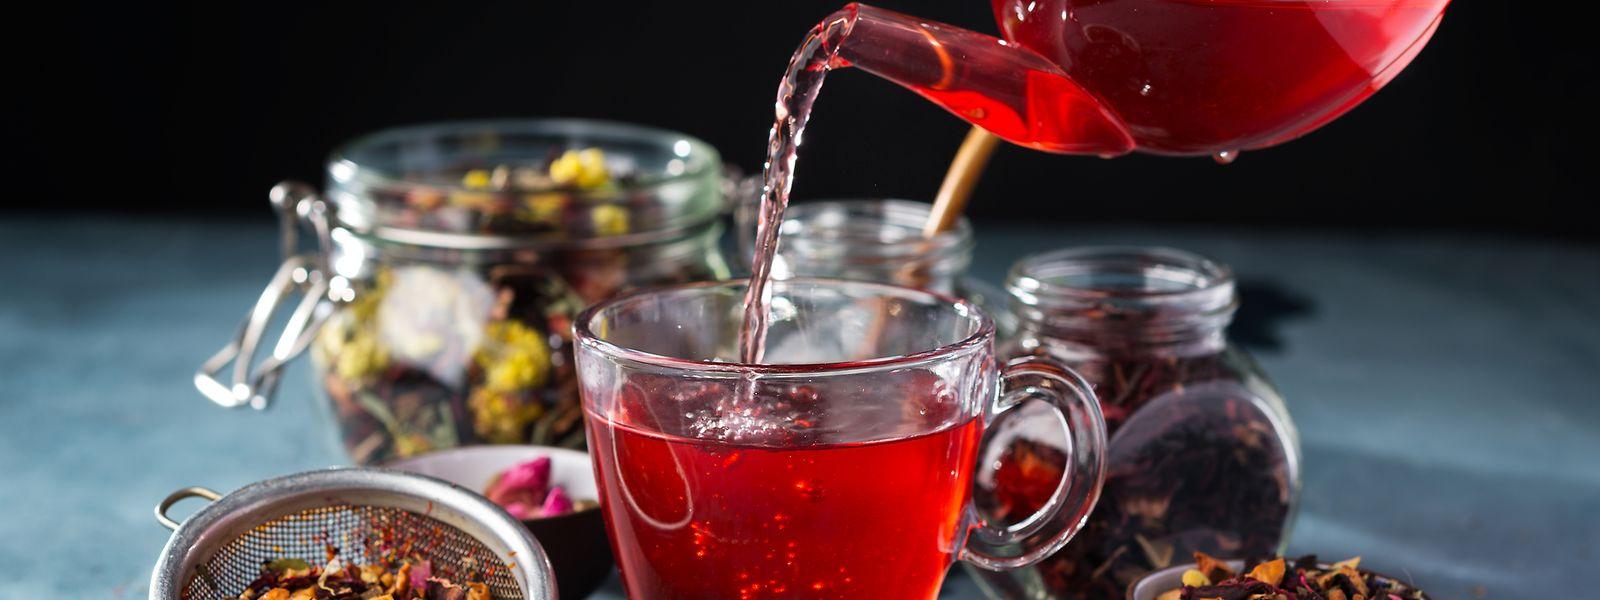 """""""Abwarten und Tee trinken"""", heißt es in einem Sprichwort. Gerade im Herbst und Winter greifen viele Menschen gerne zu dem Heißgetränk."""